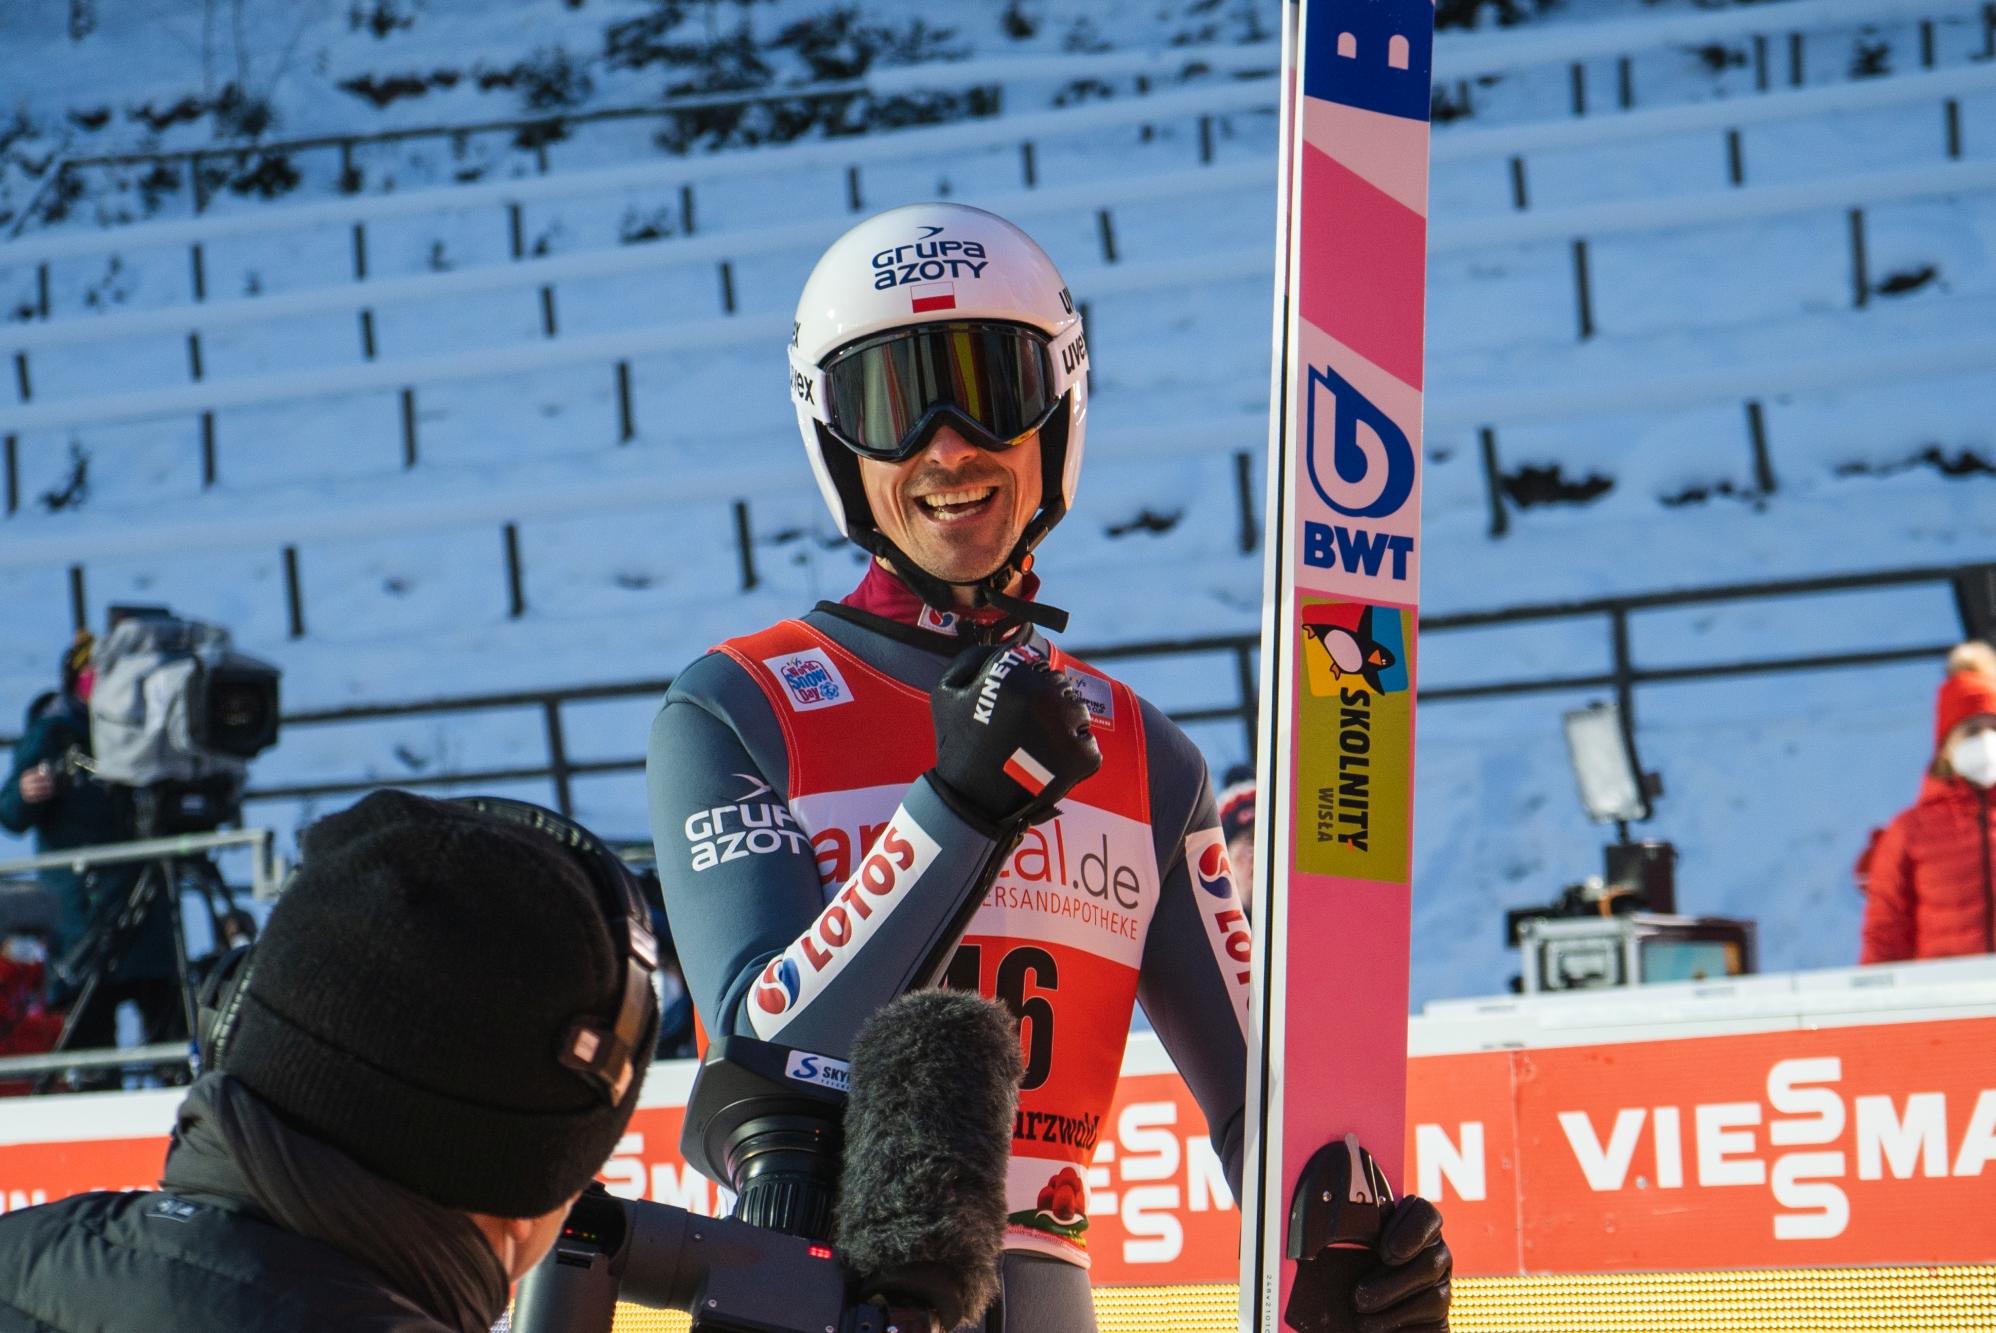 PŚ Lahti: Żyła wygrywa kwalifikacje, Eisenbichler i Granerud tuż za nim